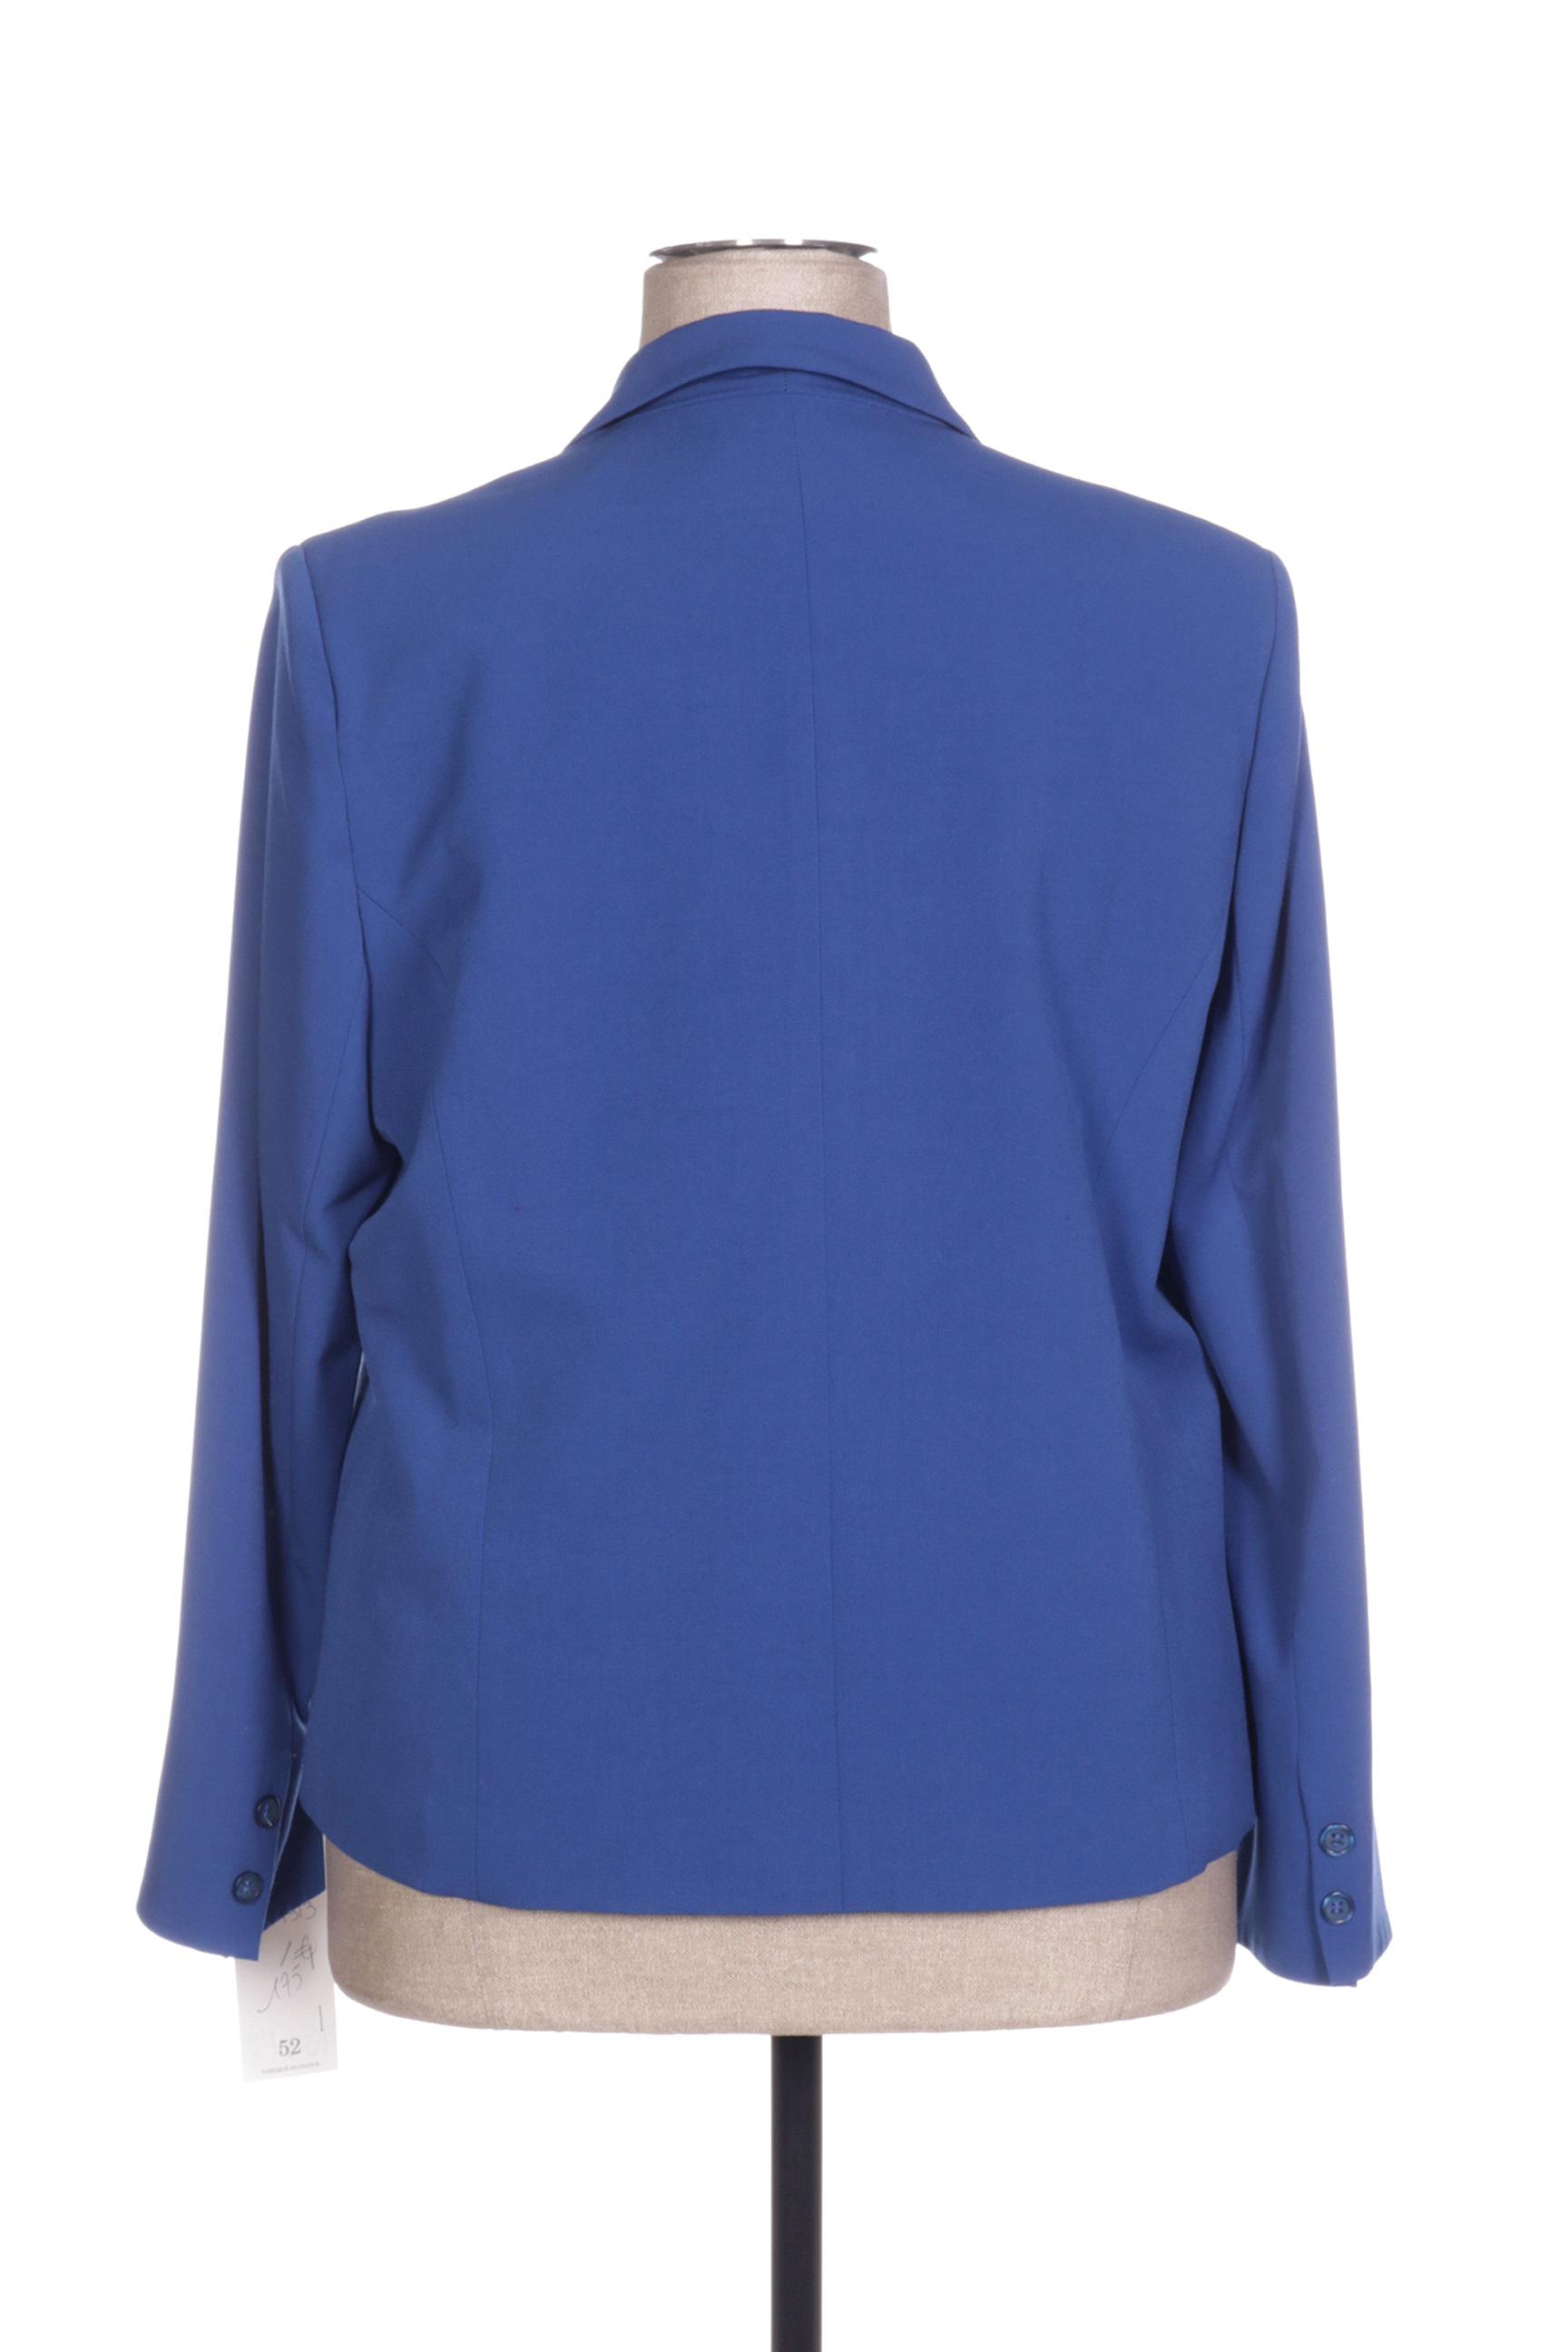 Anne Kelly Vestechic Femme De Couleur Bleu En Soldes Pas Cher 1425371-bleu00